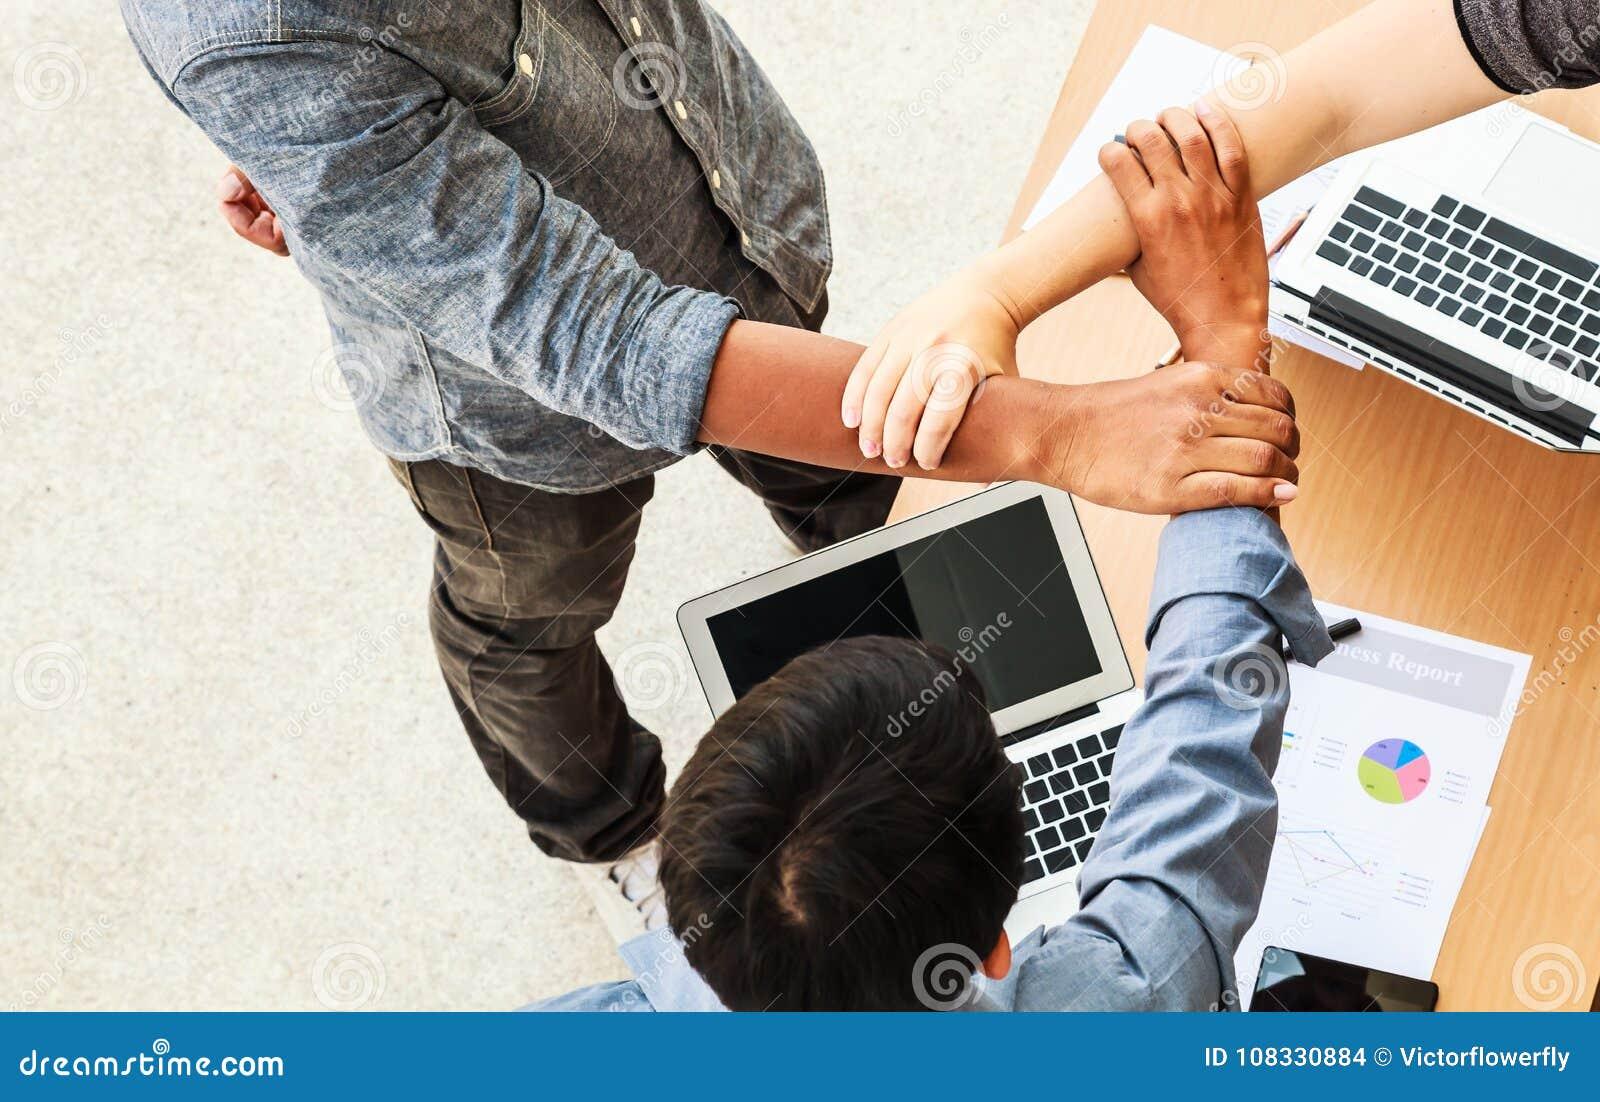 在三角的商人配合会议加入的手在办公室概念,使用想法,图,计算机,片剂,巧妙